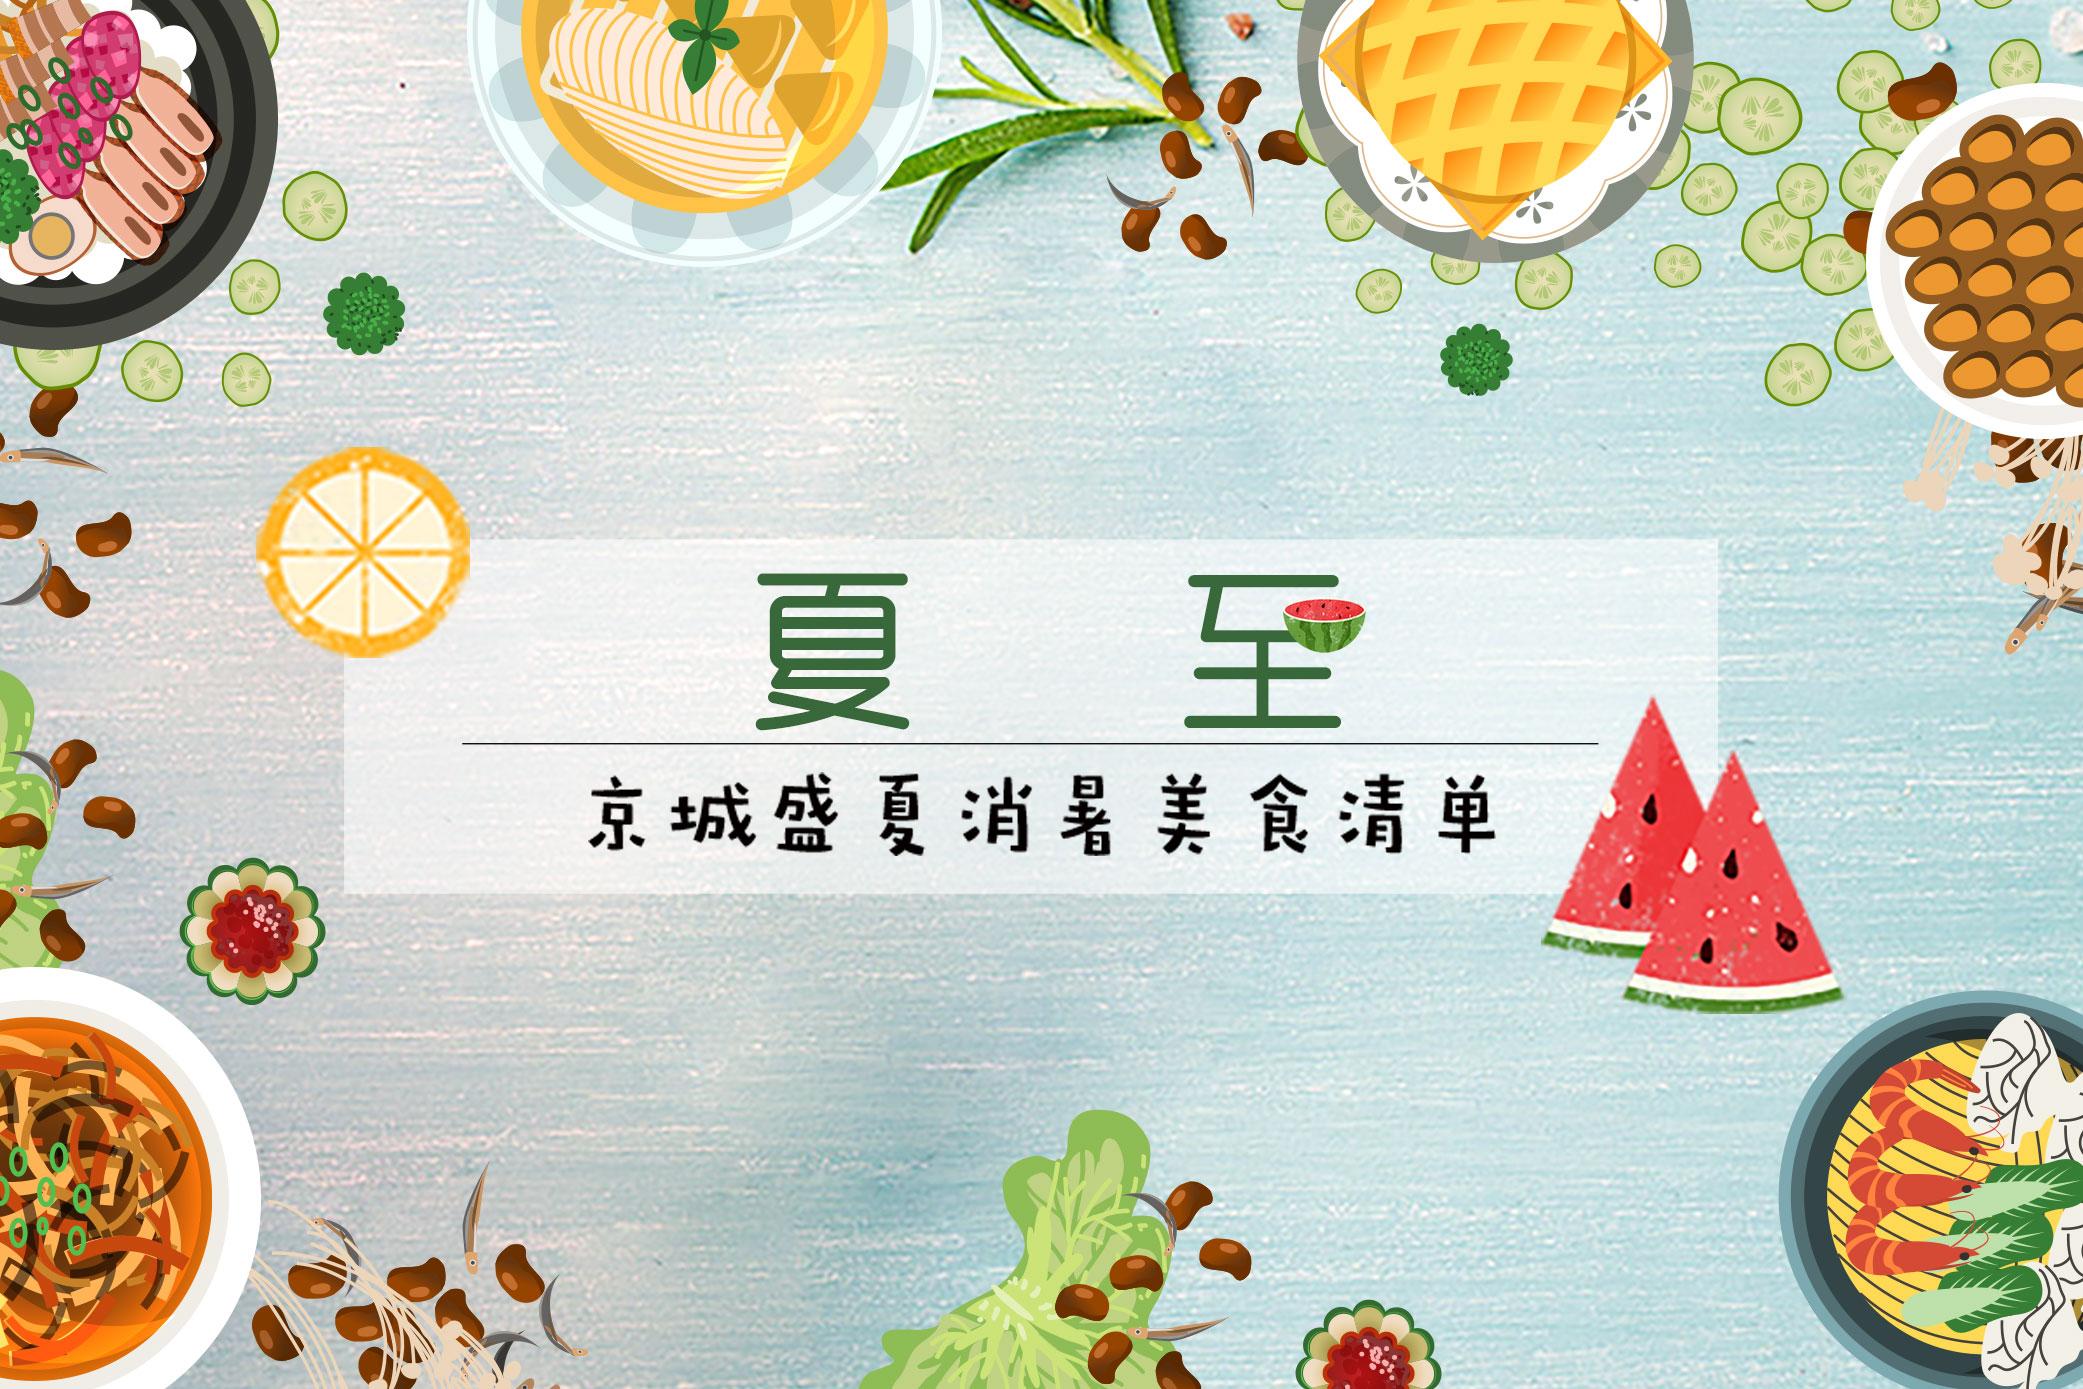 夏至 京城盛夏消暑美食清单